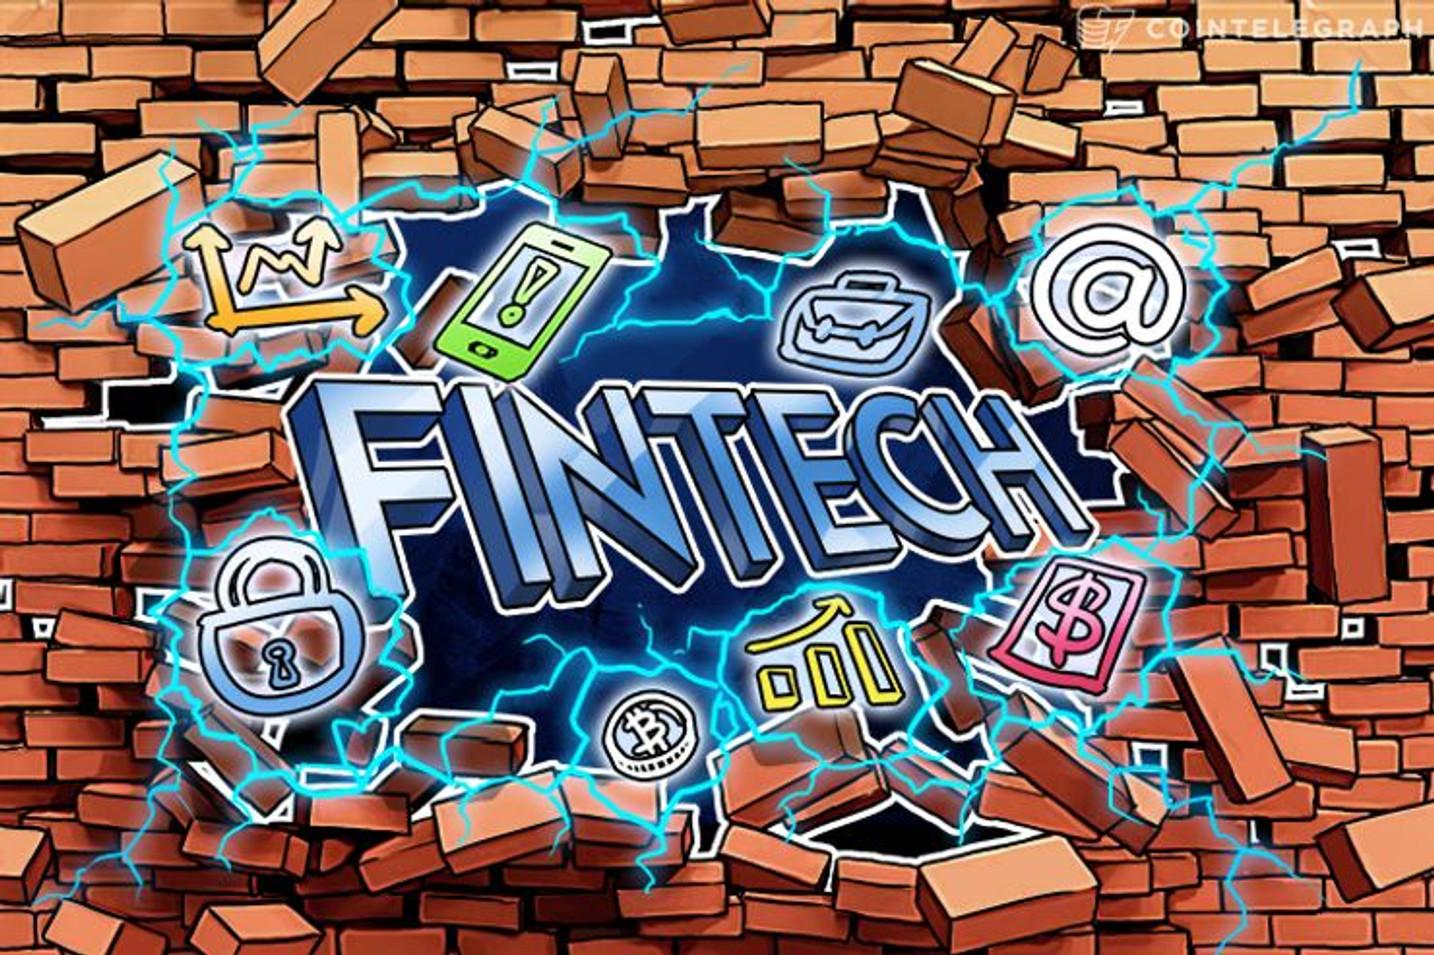 Fintech en Argentina: Impulsan plan para que personas reciban ayuda del Estado a través de billeteras digitales